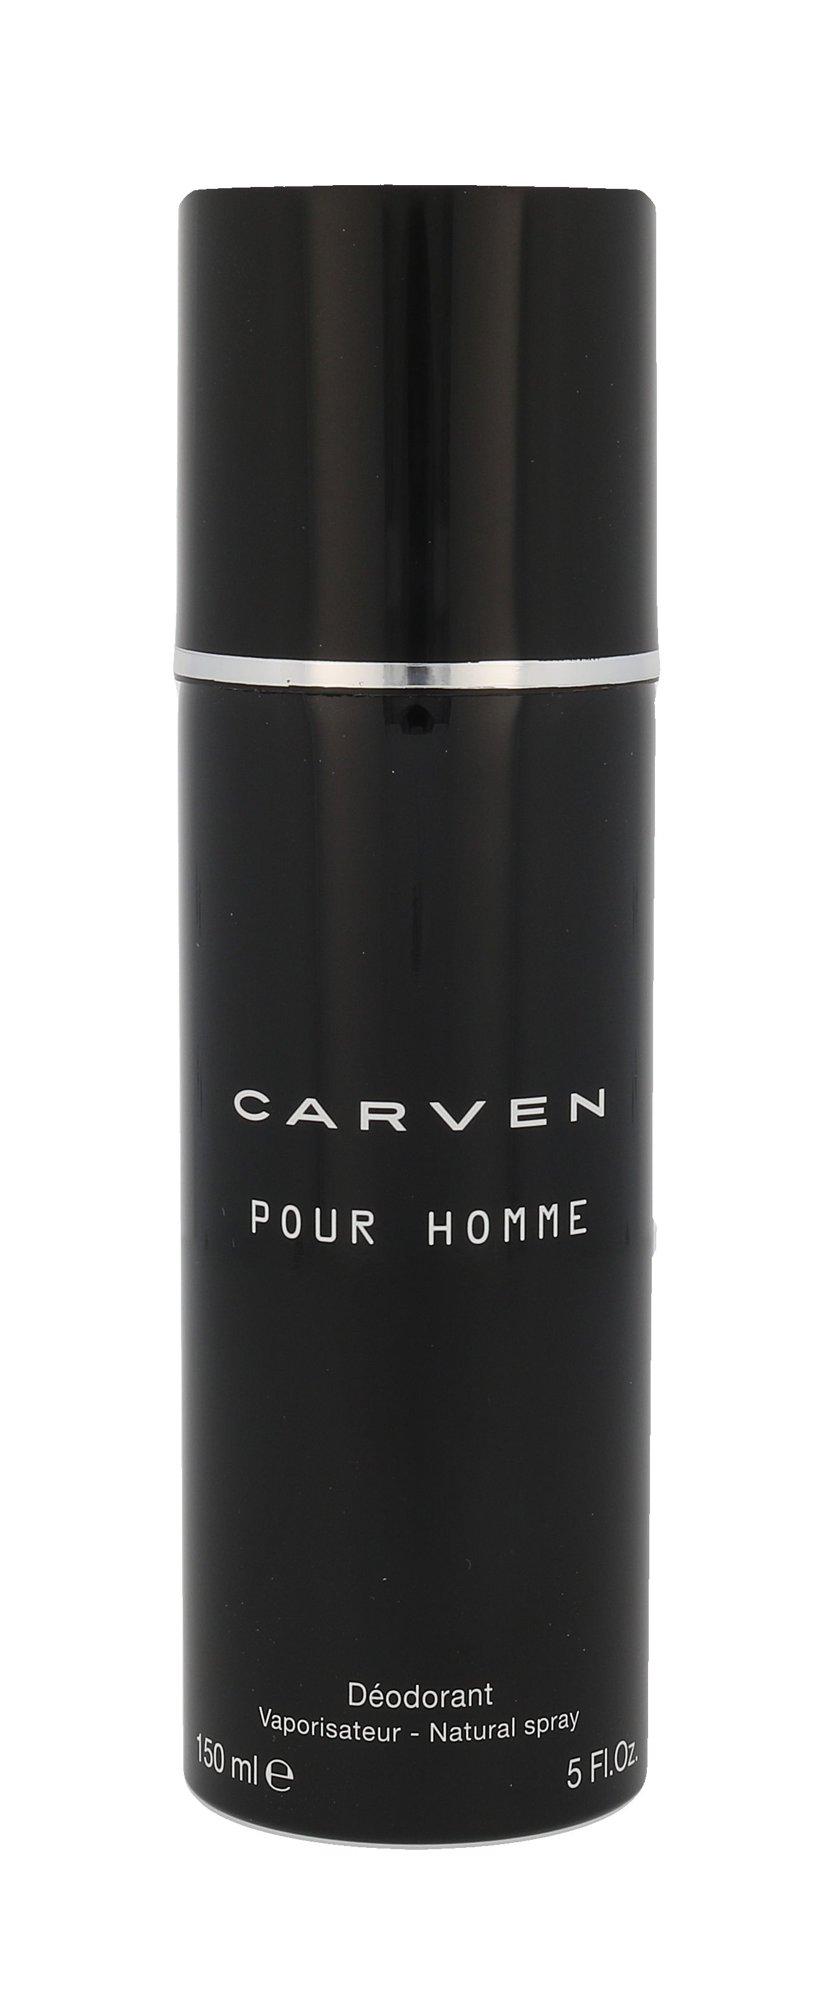 Carven Carven Pour Homme Deodorant 150ml